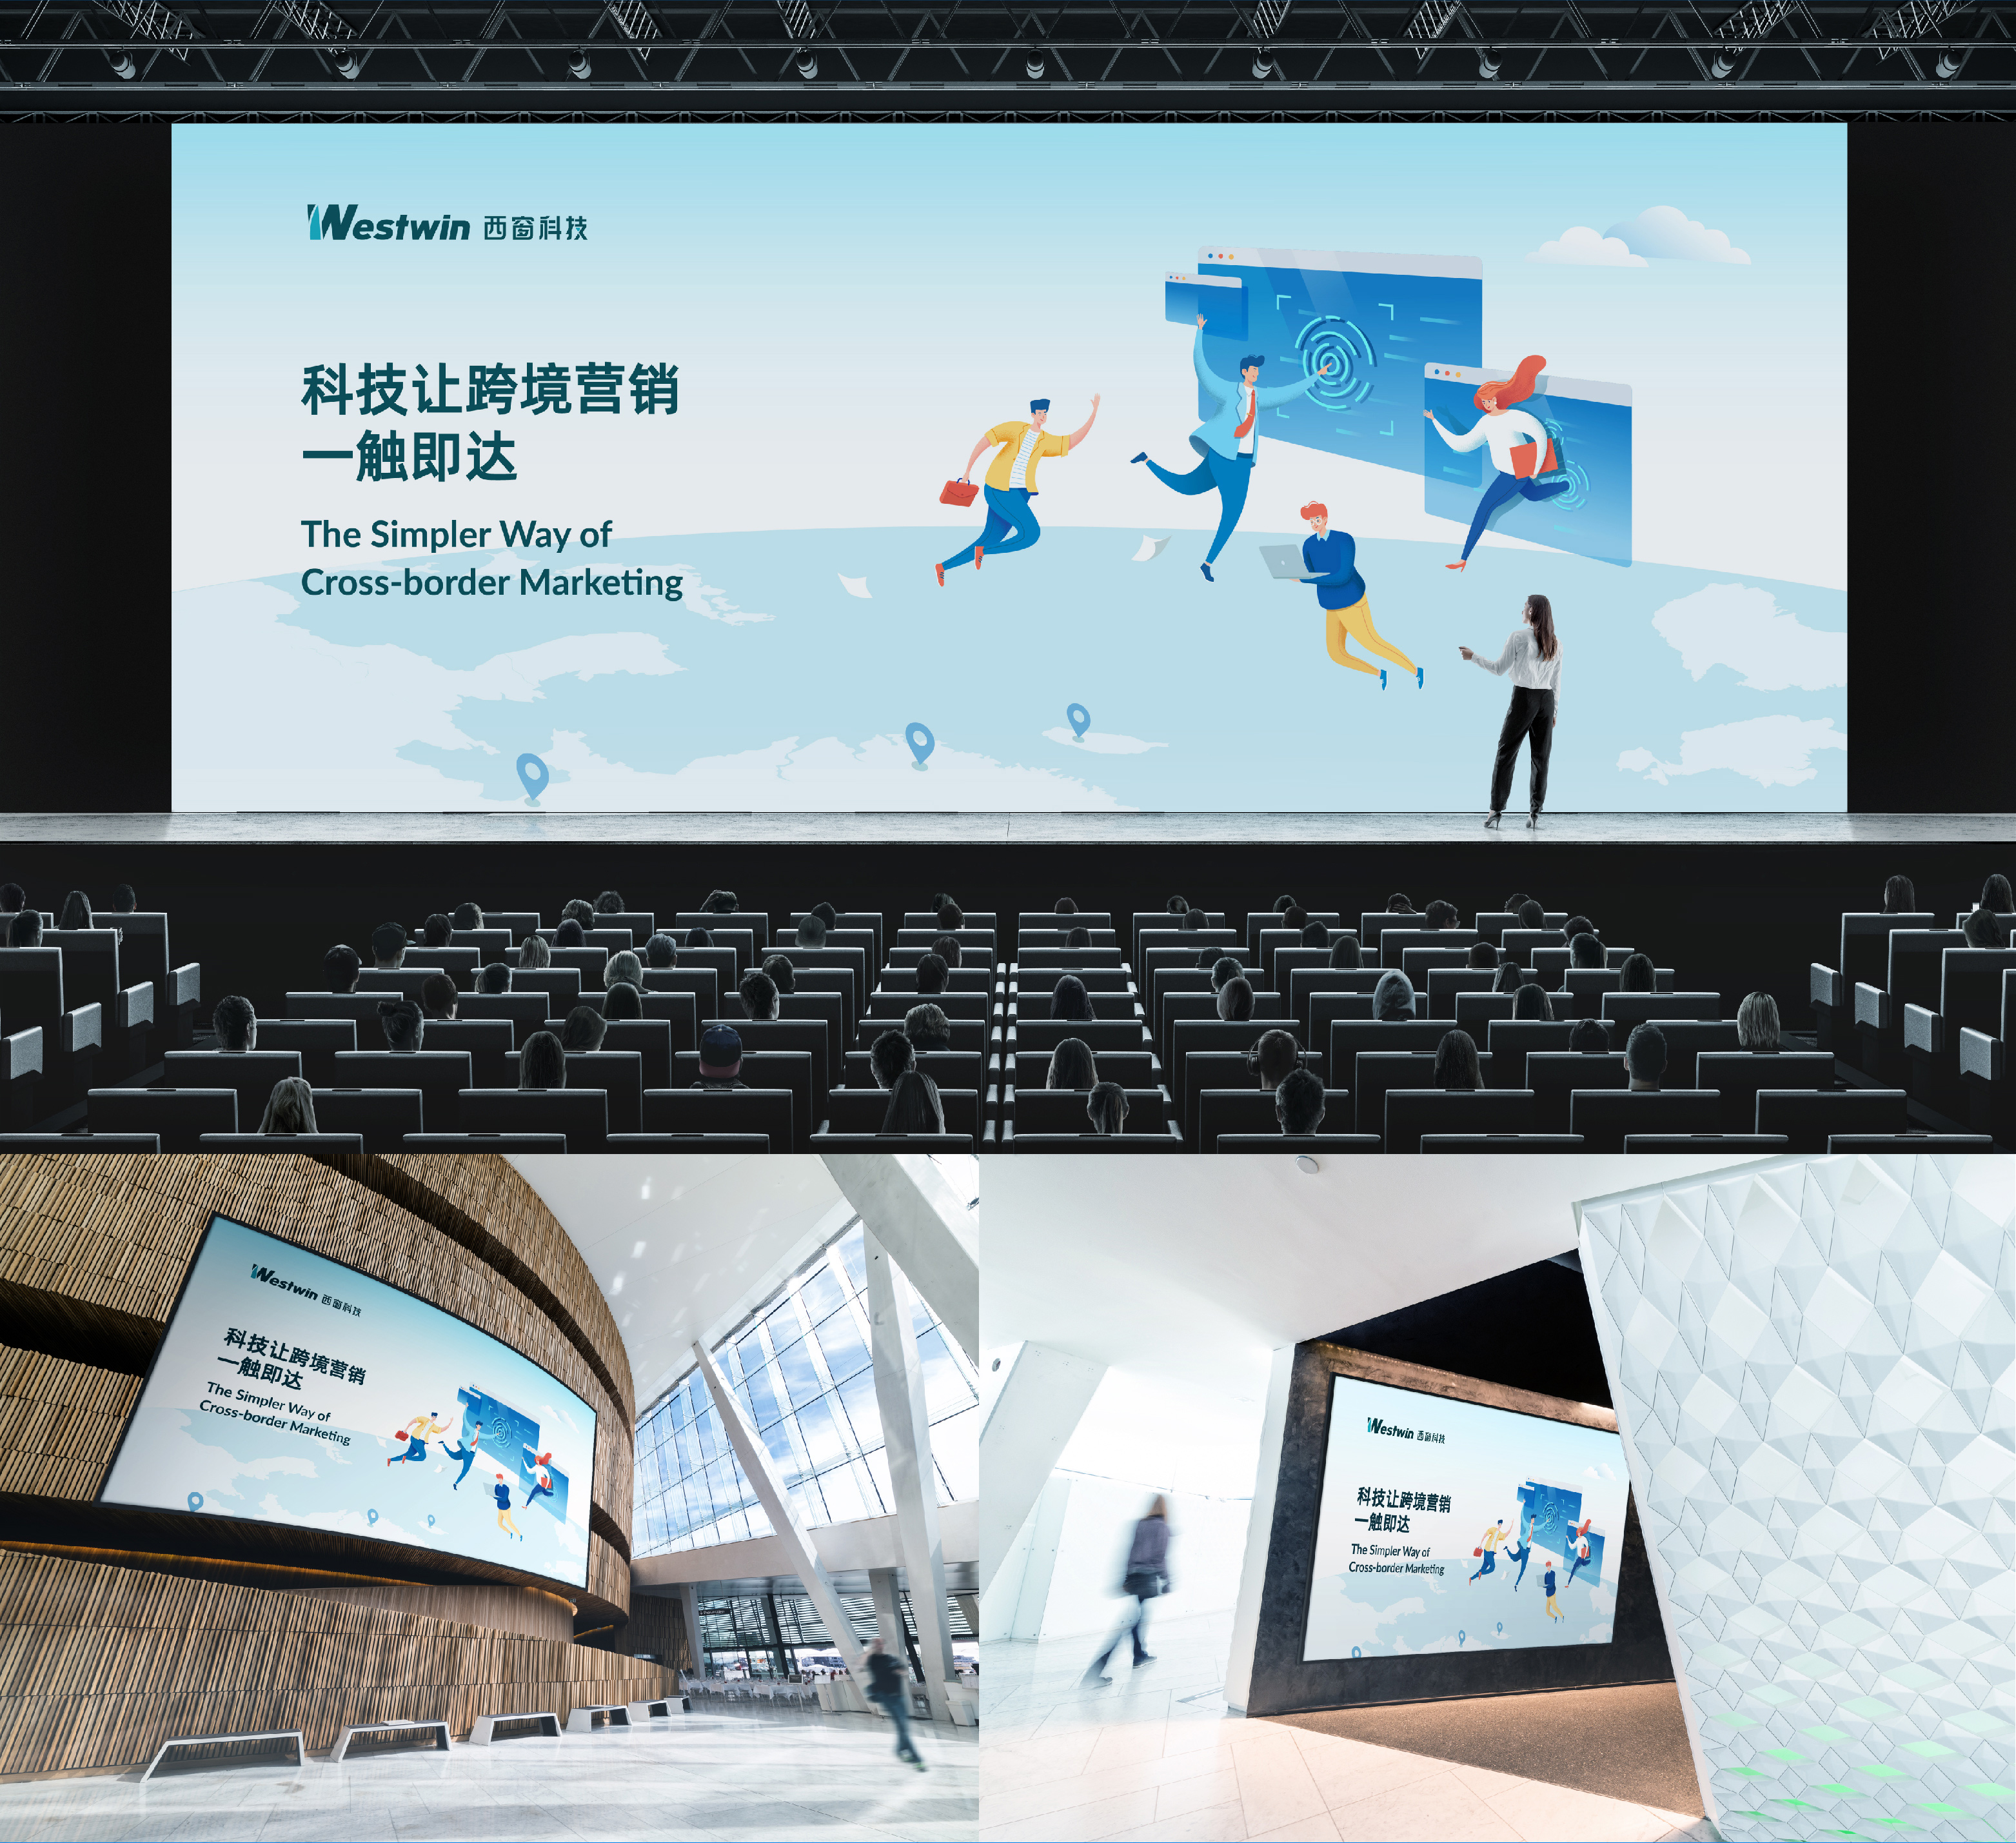 西窗科技主視覺設計